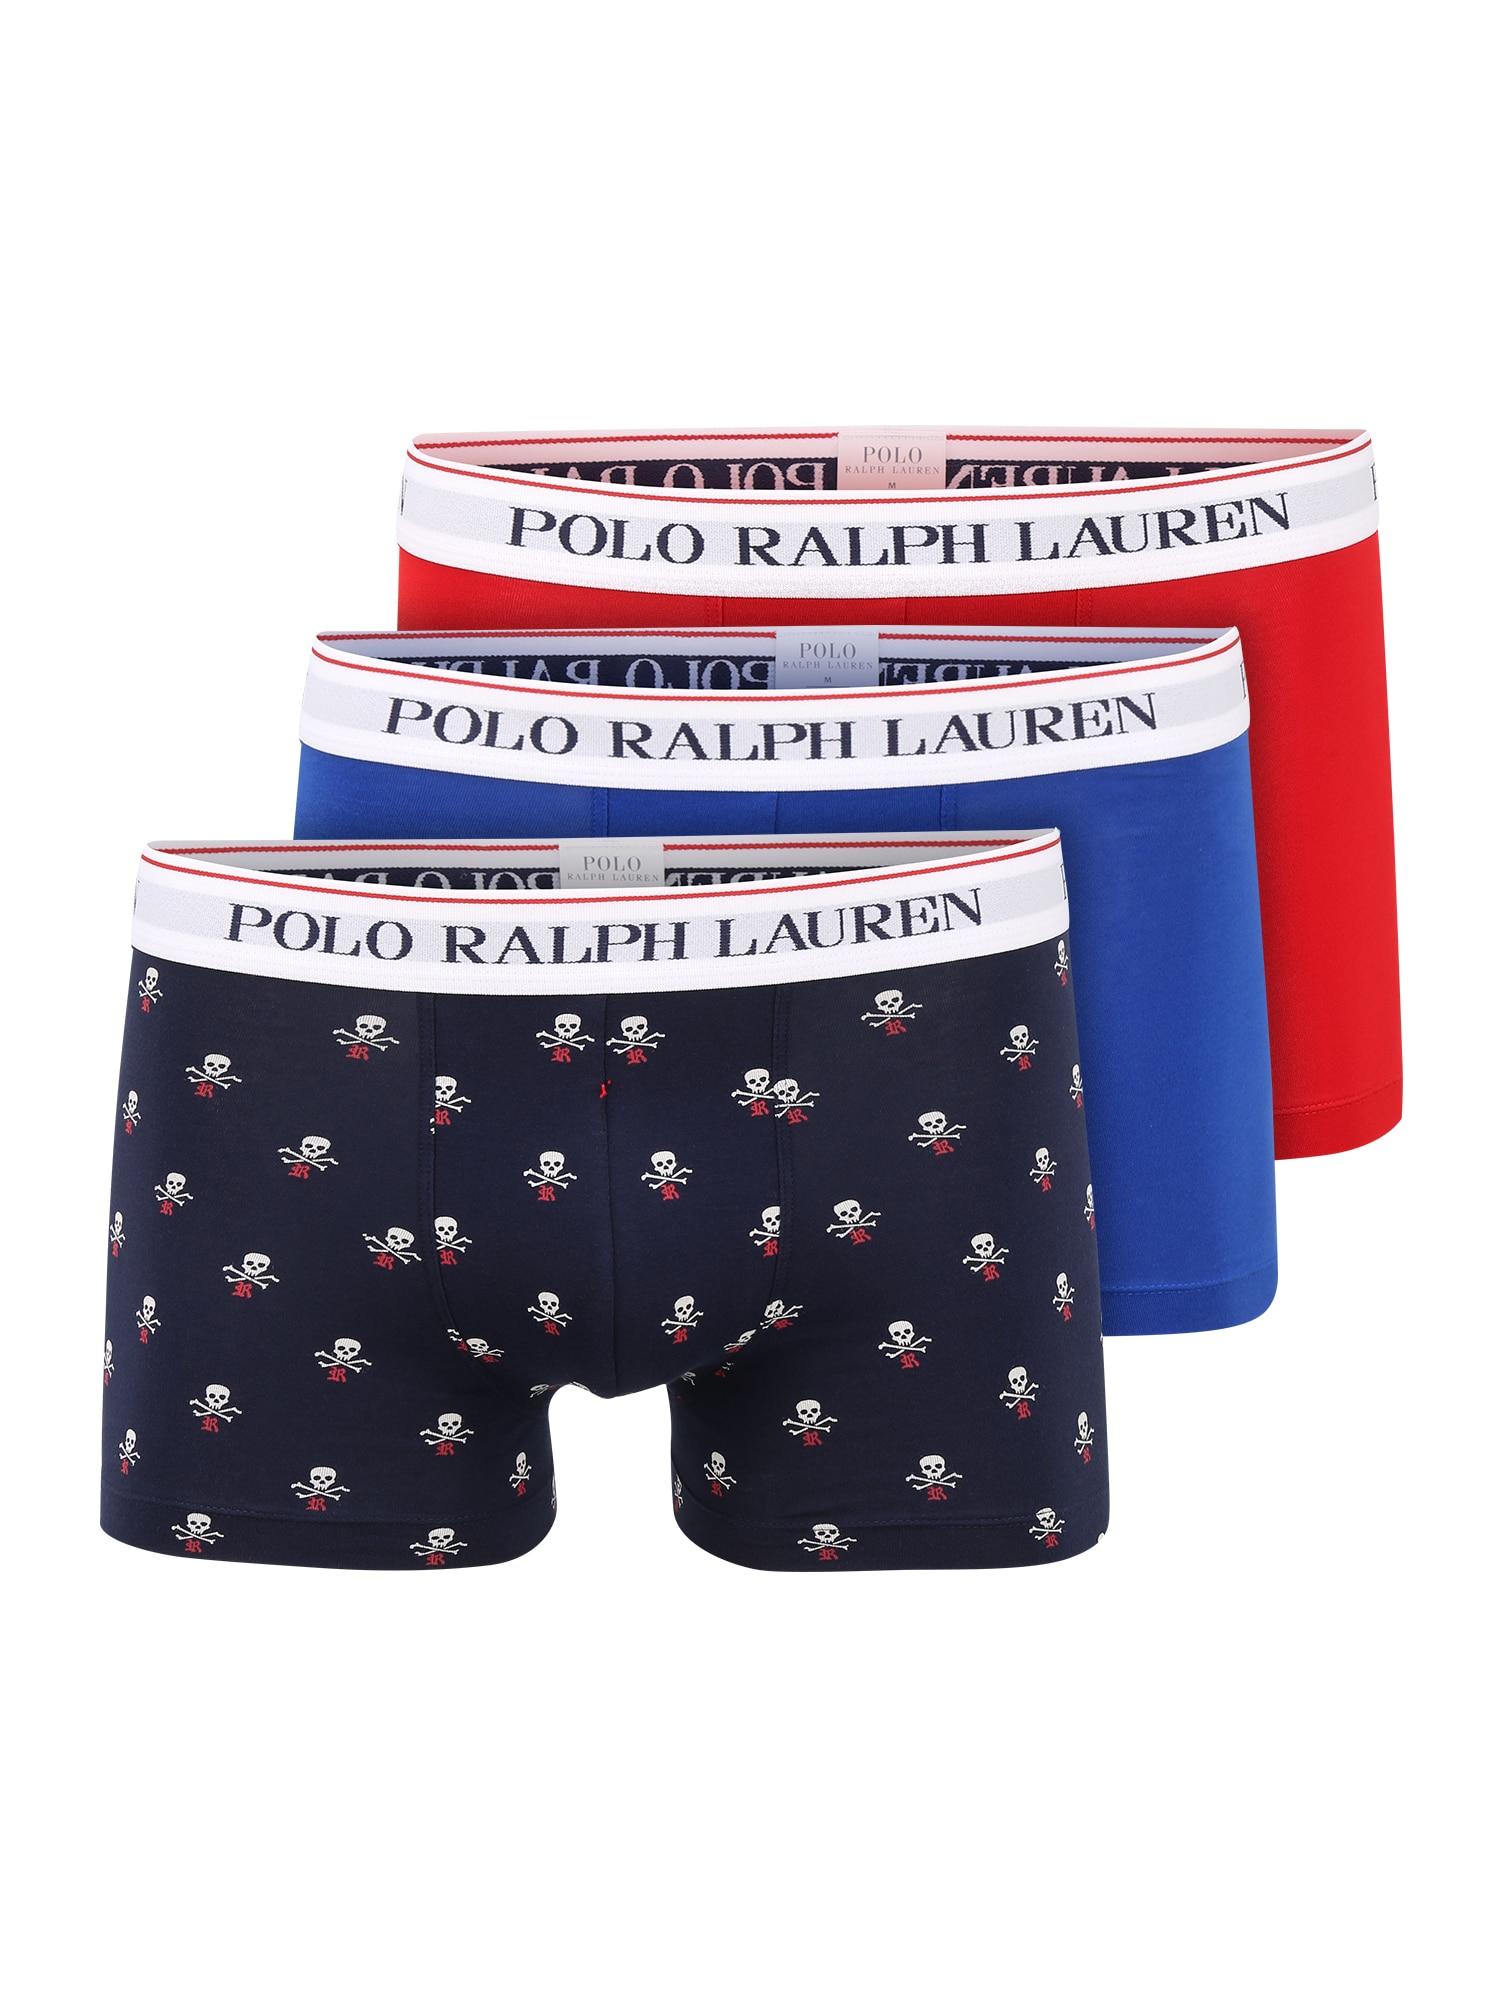 """POLO RALPH LAUREN Boxer trumpikės sodri mėlyna (""""karališka"""") / tamsiai mėlyna / balta / pastelinė raudona / ugnies raudona"""